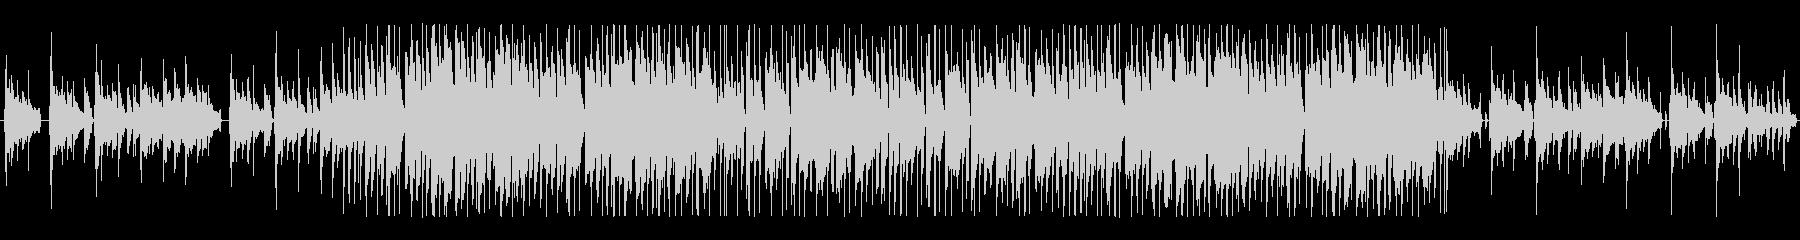 ループ/切ない雰囲気のシティポップの未再生の波形